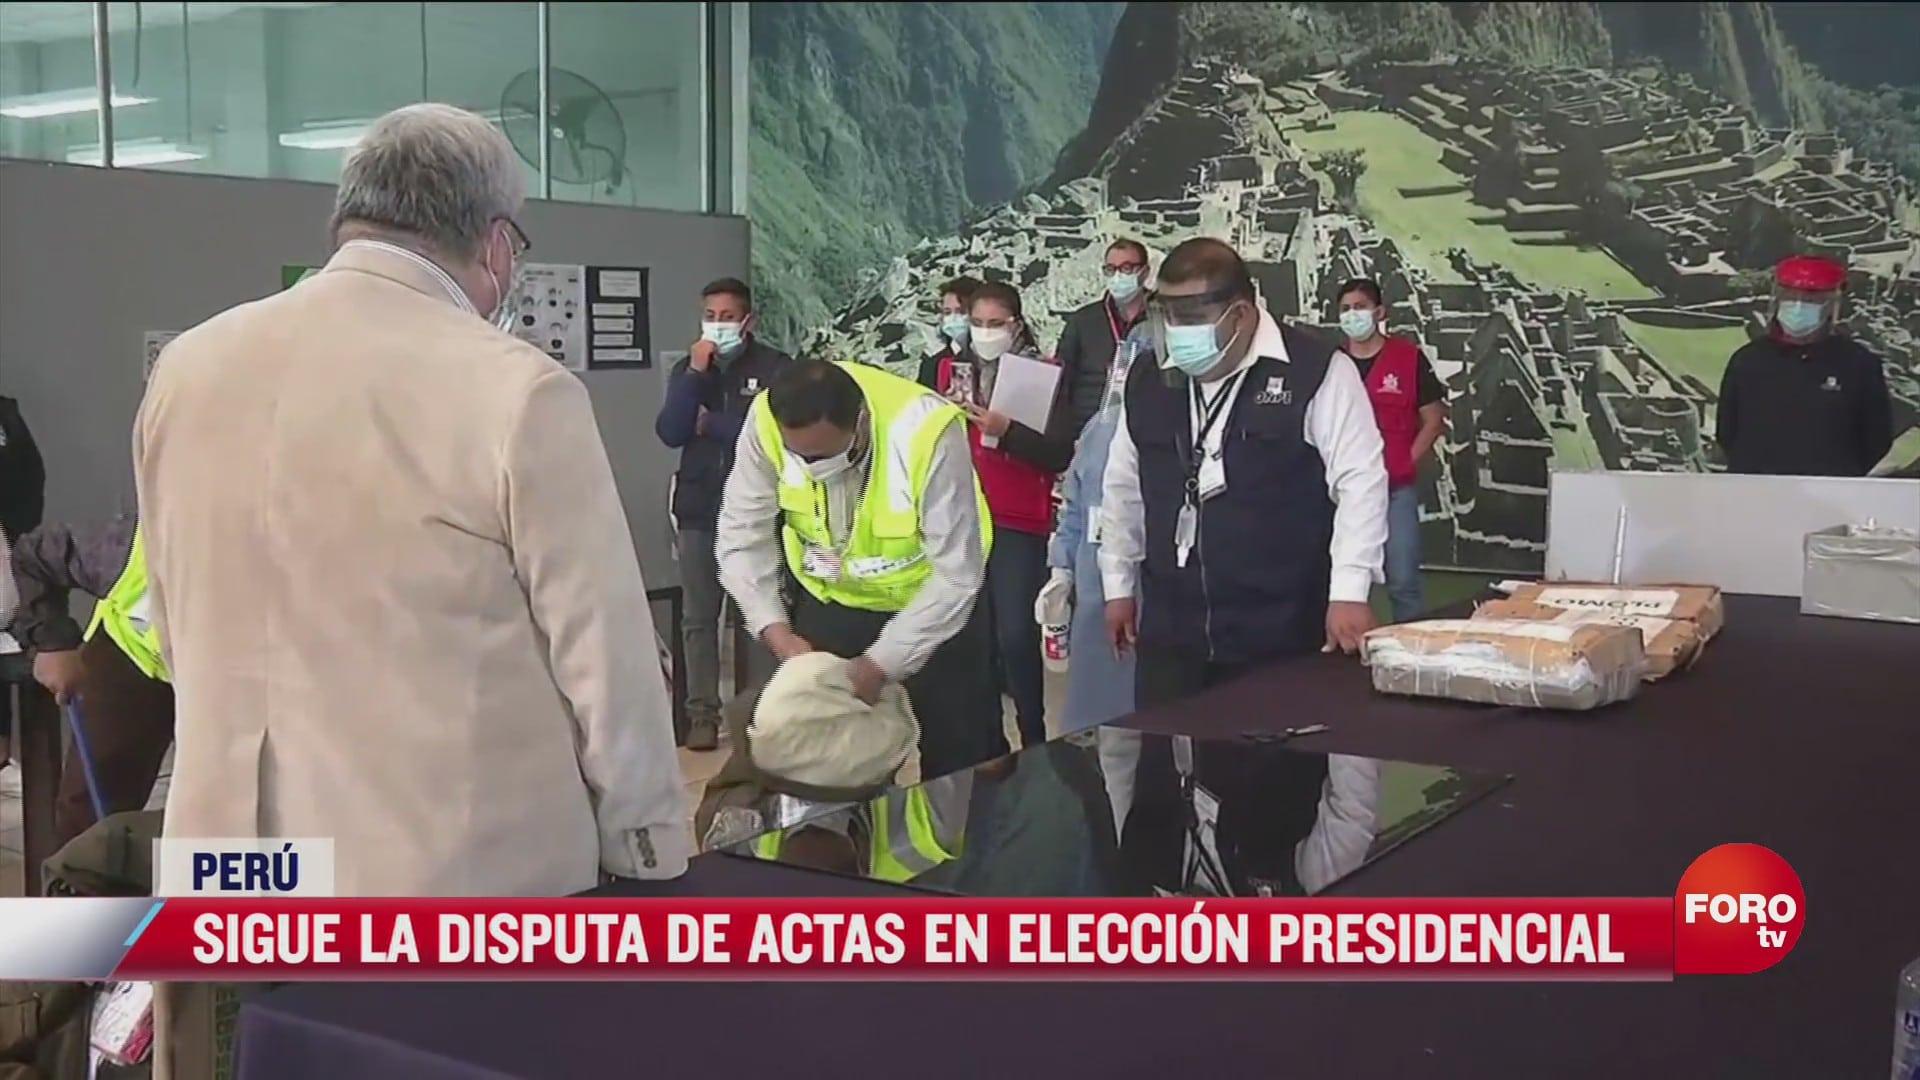 sigue la disputa de actas en eleccion presidencial de peru